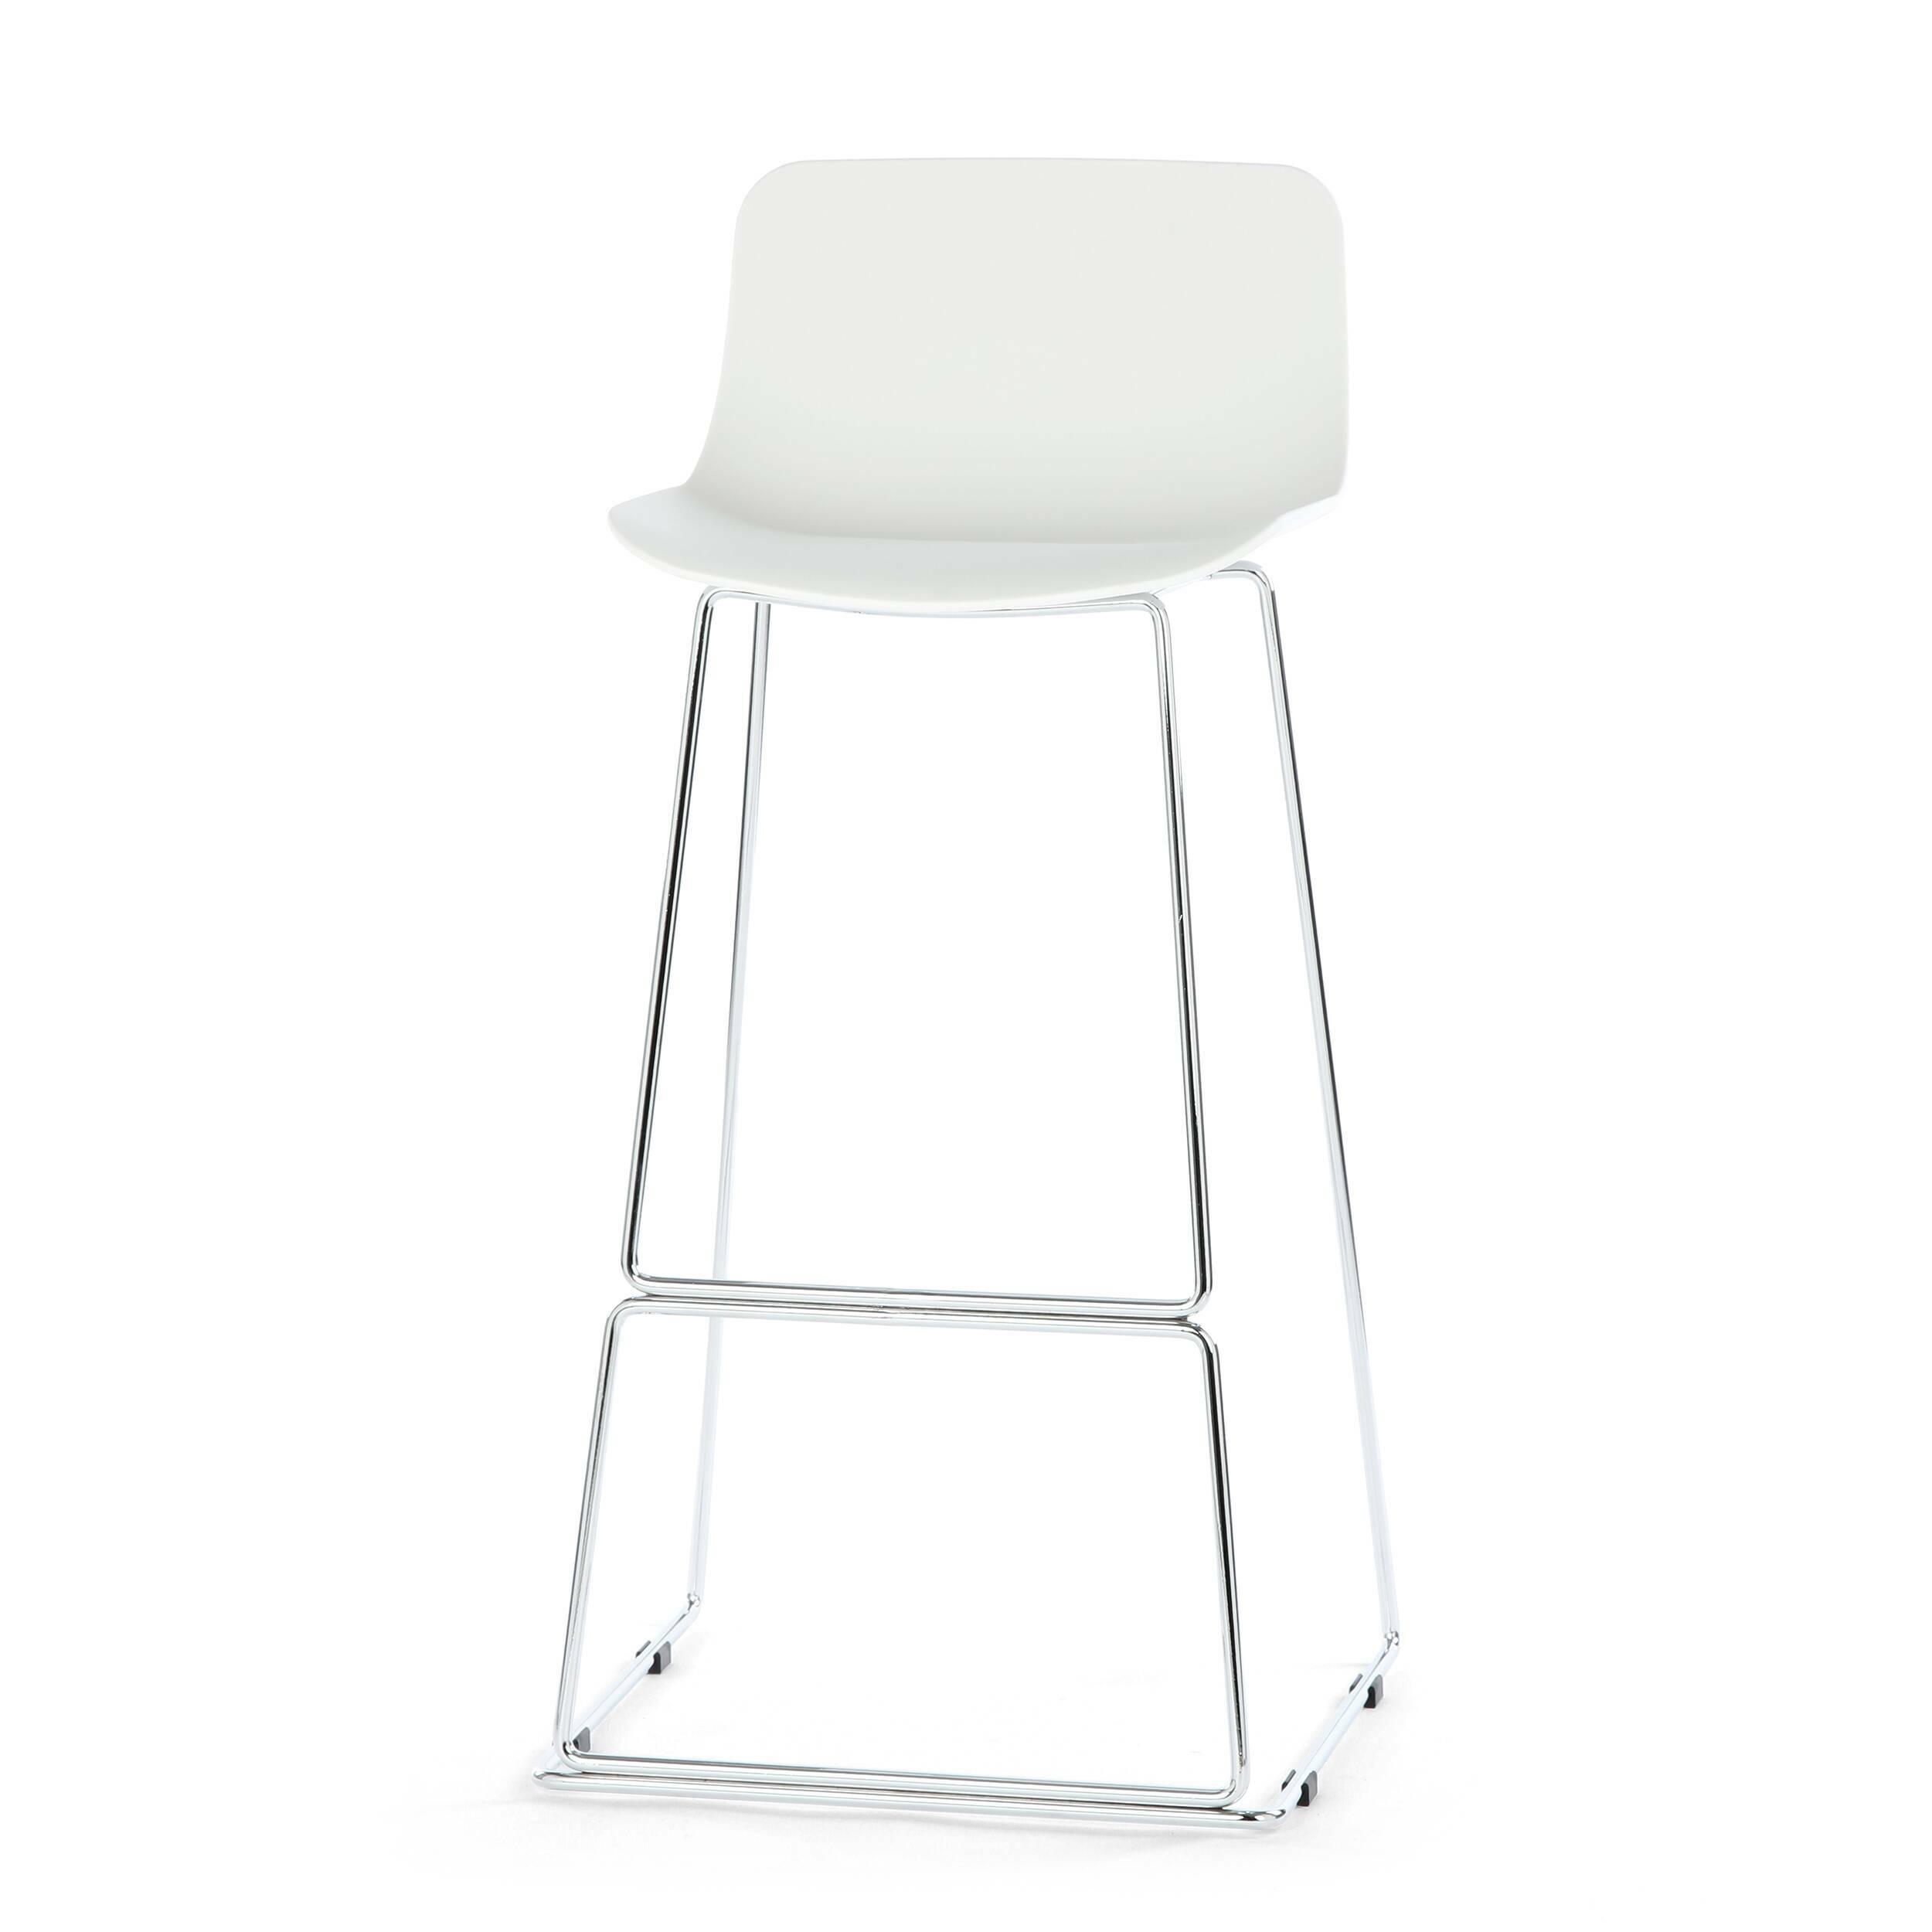 Барный стул NeoБарные<br>Дизайнерский высокий барный стул Neo (Нео) на стальных ножках от Cosmo (Космо). <br><br> Дополните свой интерьер элегантным барным стулом Neo, который идеально подойдет для минималистического дизайна в современном исполнении или помещений в стиле техно, где приветствуется металл и пластик. Утонченный высокий каркас из нержавеющей стали с подставкой для ног и антискользящими насадками надежно удерживает эргономичное сиденье. Его мягкие формы плавно переходят в невысокую спинку, создавая комфортны...<br><br>stock: 0<br>Высота: 100<br>Ширина: 48<br>Глубина: 49<br>Цвет ножек: Хром<br>Цвет сидения: Белый<br>Тип материала сидения: Полипропилен<br>Тип материала ножек: Сталь нержавеющая